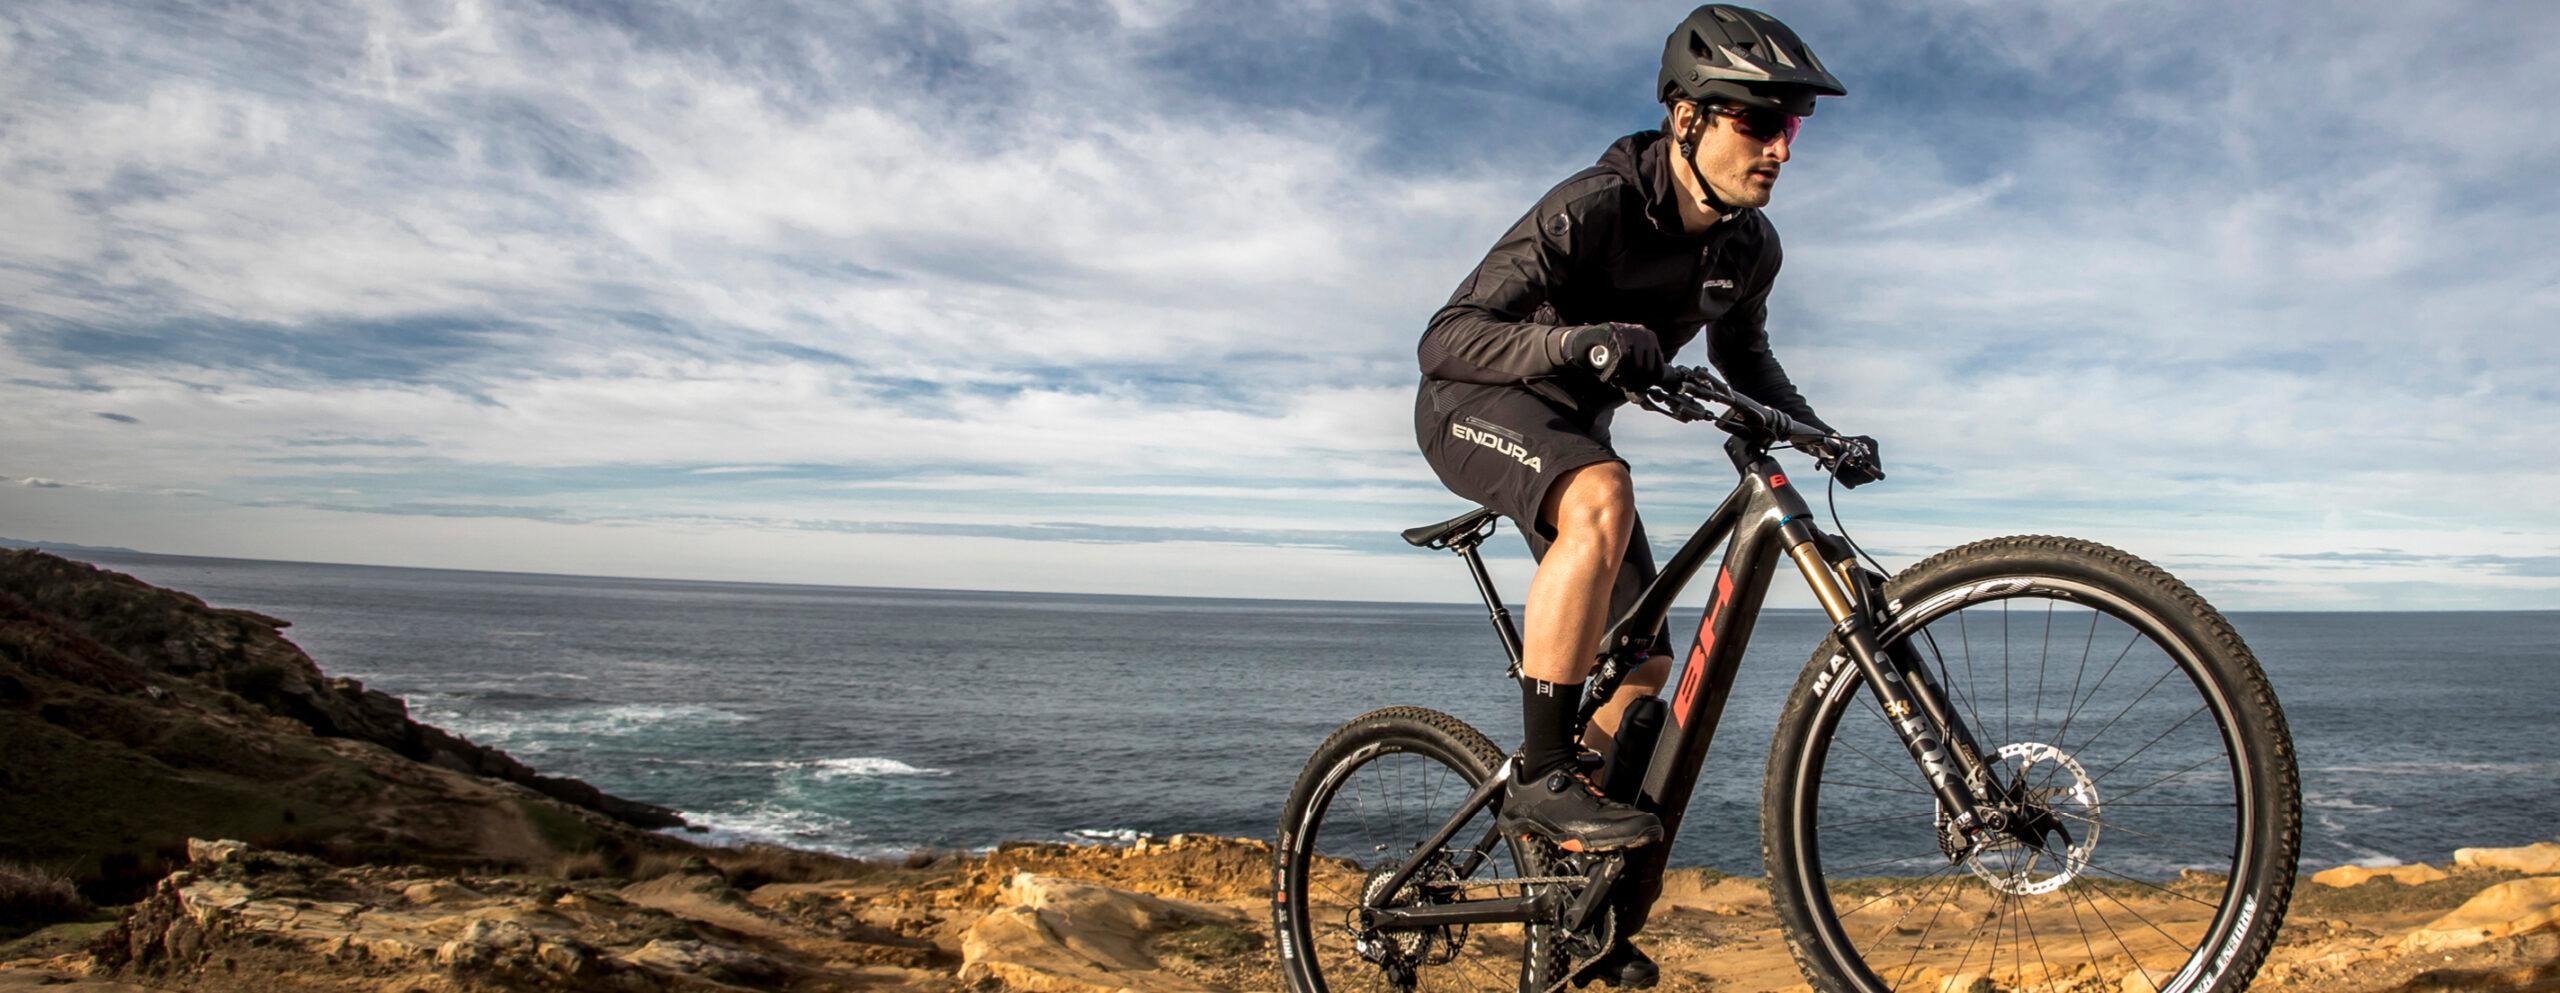 cycliste qui fait du velo en bord de mer